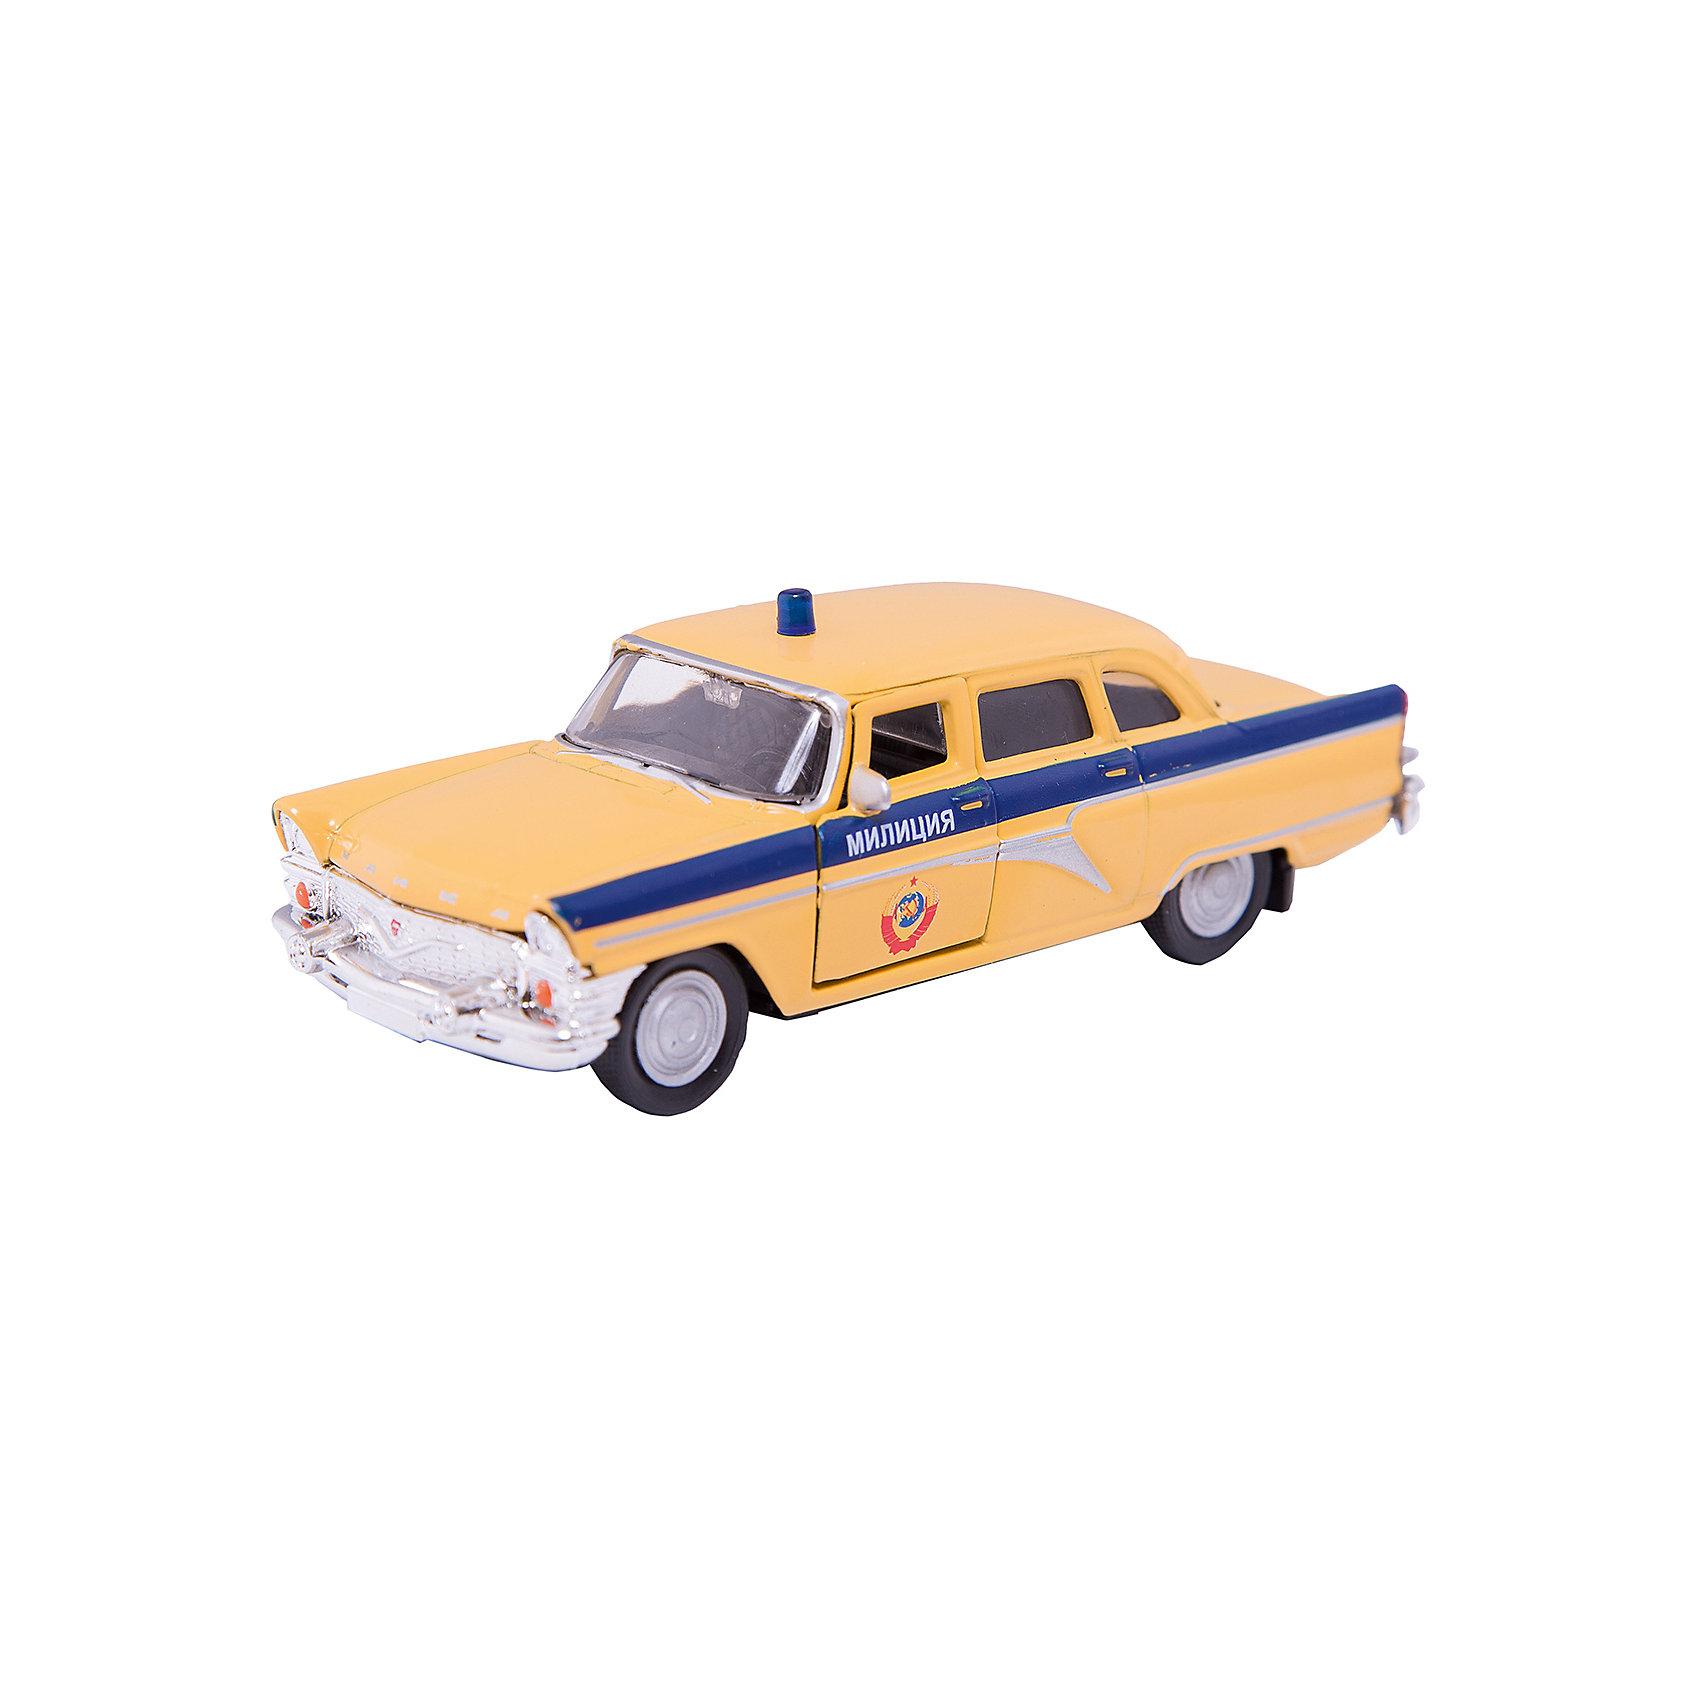 Машинка ГАЗ-13 Чайка милиция СССР 1:43, AutotimeМашинки<br>Характеристики товара:<br><br>• цвет: желтый<br>• материал: металл, пластик<br>• размер: 16х7,5х5,7 см<br>• вес: 100 г<br>• масштаб: 1:43<br>• прочный материал<br>• хорошая детализация<br>• открываются двери<br>• вращаются колеса<br>• коллекционная<br>• страна бренда: Россия<br>• страна производства: Китай<br><br>Металлическая машинка ГАЗ-13 Чайка от бренда AUTOTIME придется по душе мальчикам. Это идеальный подарок для ценителя и коллекционера автомобилей, которые выполнены с подробной детализацией. Игрушка является настоящей копией машины «Чайка», которая выпускалась в СССР. Двери машинки открываются свободно, колеса вращаются. Поэтому она может стать и частью коллекции, и выступать отдельной игрушкой.<br><br>Машинка может выполнять сразу несколько функций: развлекать ребенка, помогать вырабатывать практические качества: ловкость, координацию, мелкую моторику. Также в процессе увлекательной игры развивается фантазия ребенка. Изделие выполнено из сертифицированных материалов, безопасных для детей.<br><br>Машинку ГАЗ-13 Чайка милиция СССР от бренда AUTOTIME можно купить в нашем интернет-магазине.<br><br>Ширина мм: 165<br>Глубина мм: 57<br>Высота мм: 75<br>Вес г: 13<br>Возраст от месяцев: 36<br>Возраст до месяцев: 2147483647<br>Пол: Мужской<br>Возраст: Детский<br>SKU: 5583959